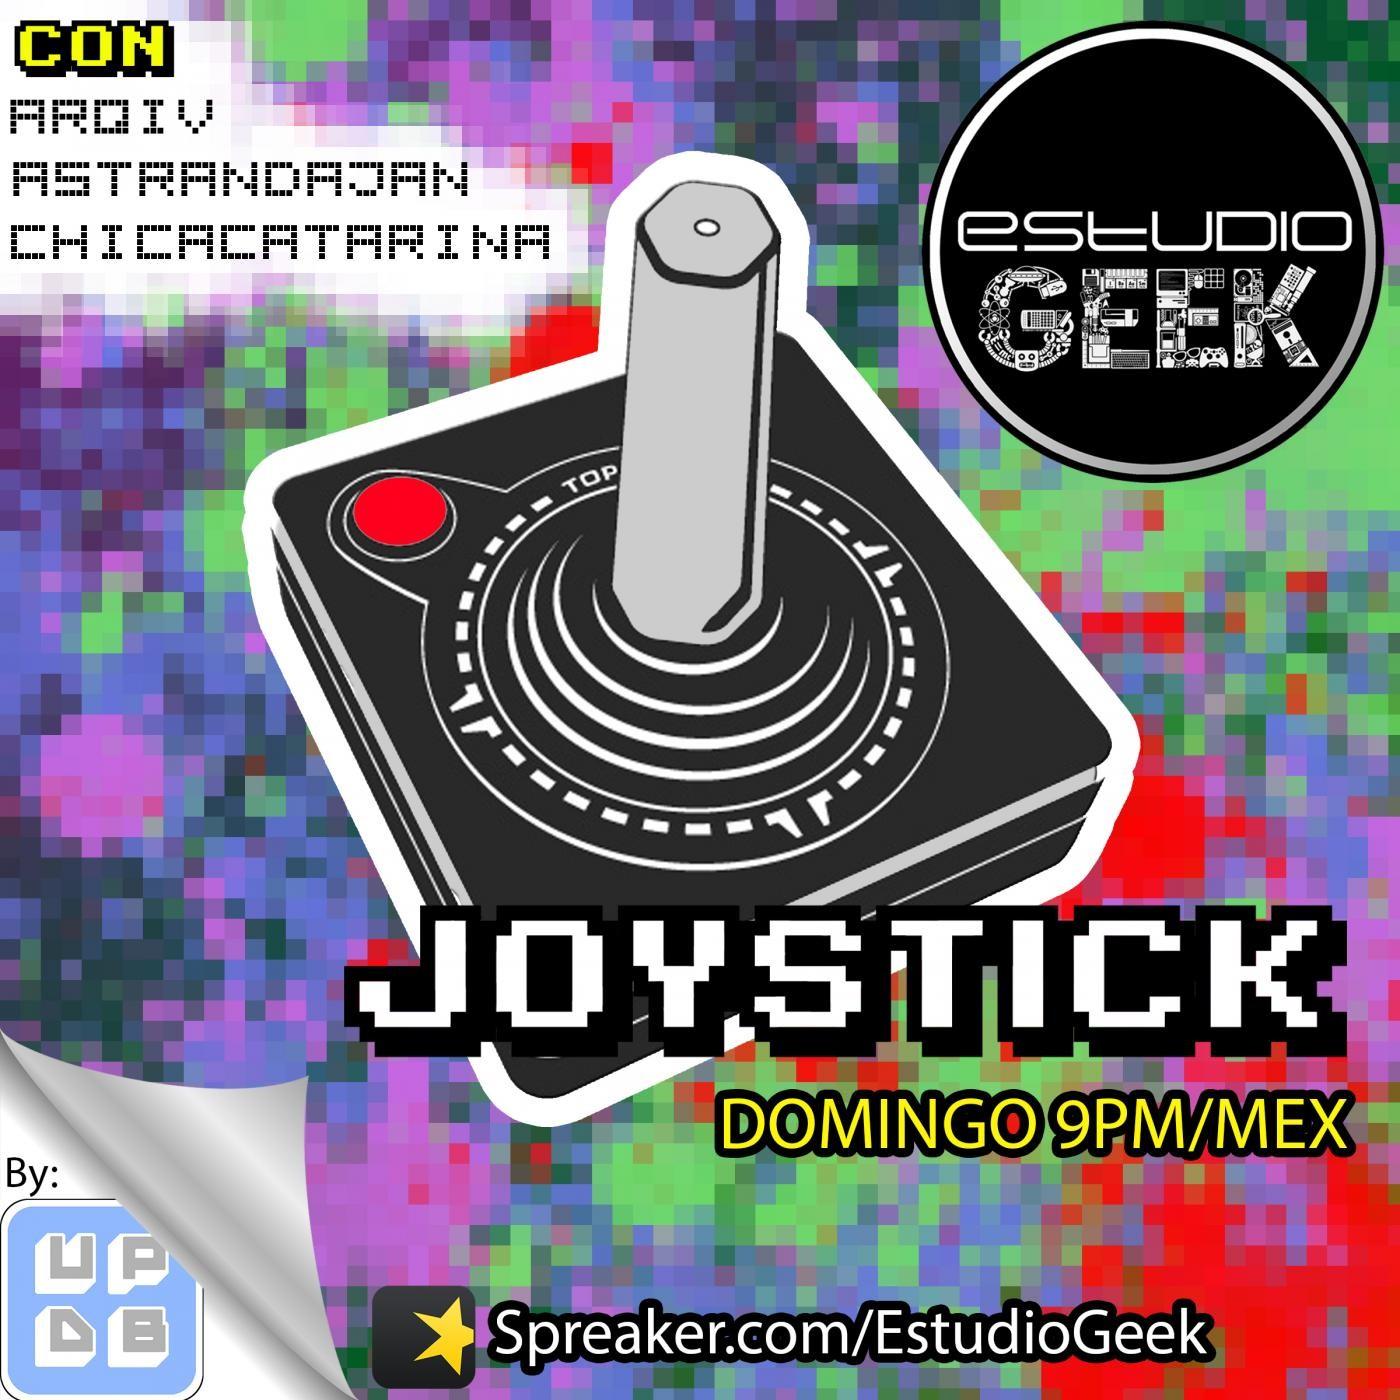 <![CDATA[Joystick]]>